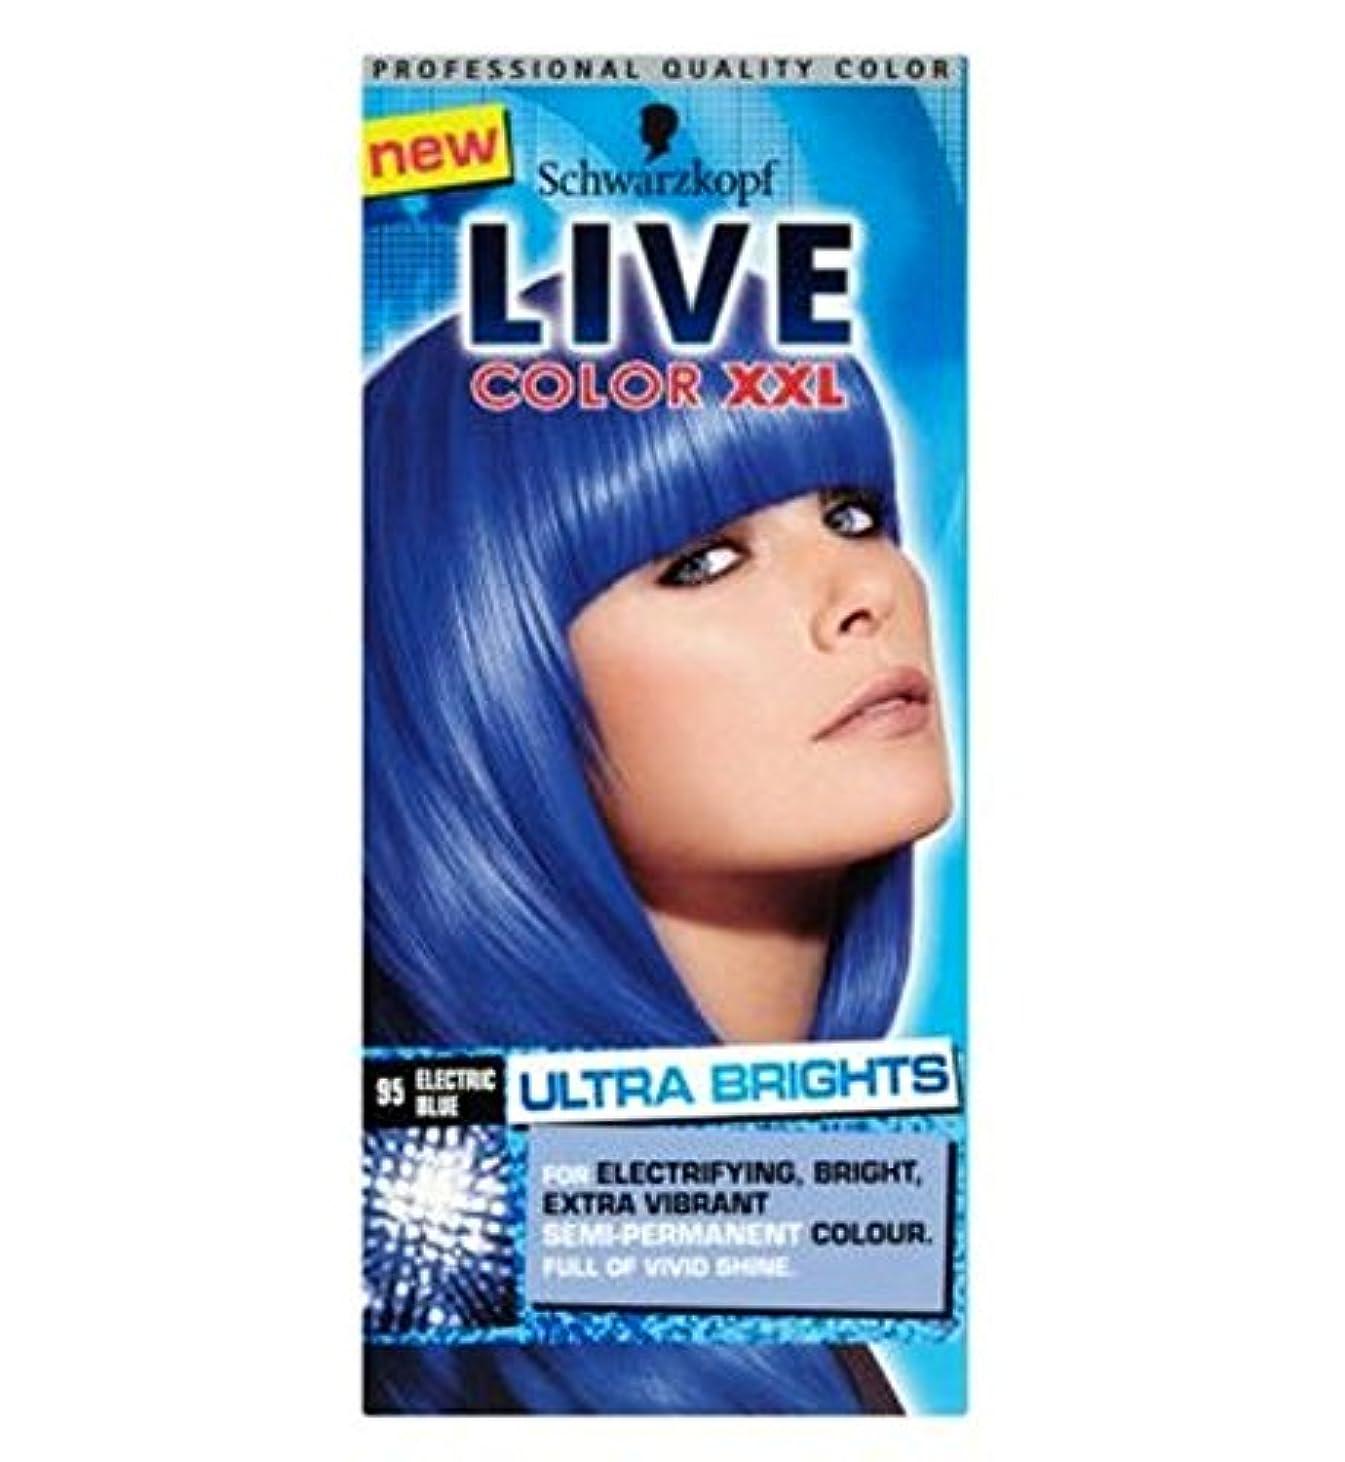 スカープ晩餐外観Schwarzkopf LIVE Color XXL Ultra Brights 95 Electric Blue Semi-Permanent Blue Hair Dye - シュワルツコフライブカラーXxl超輝95エレクトリックブルー...